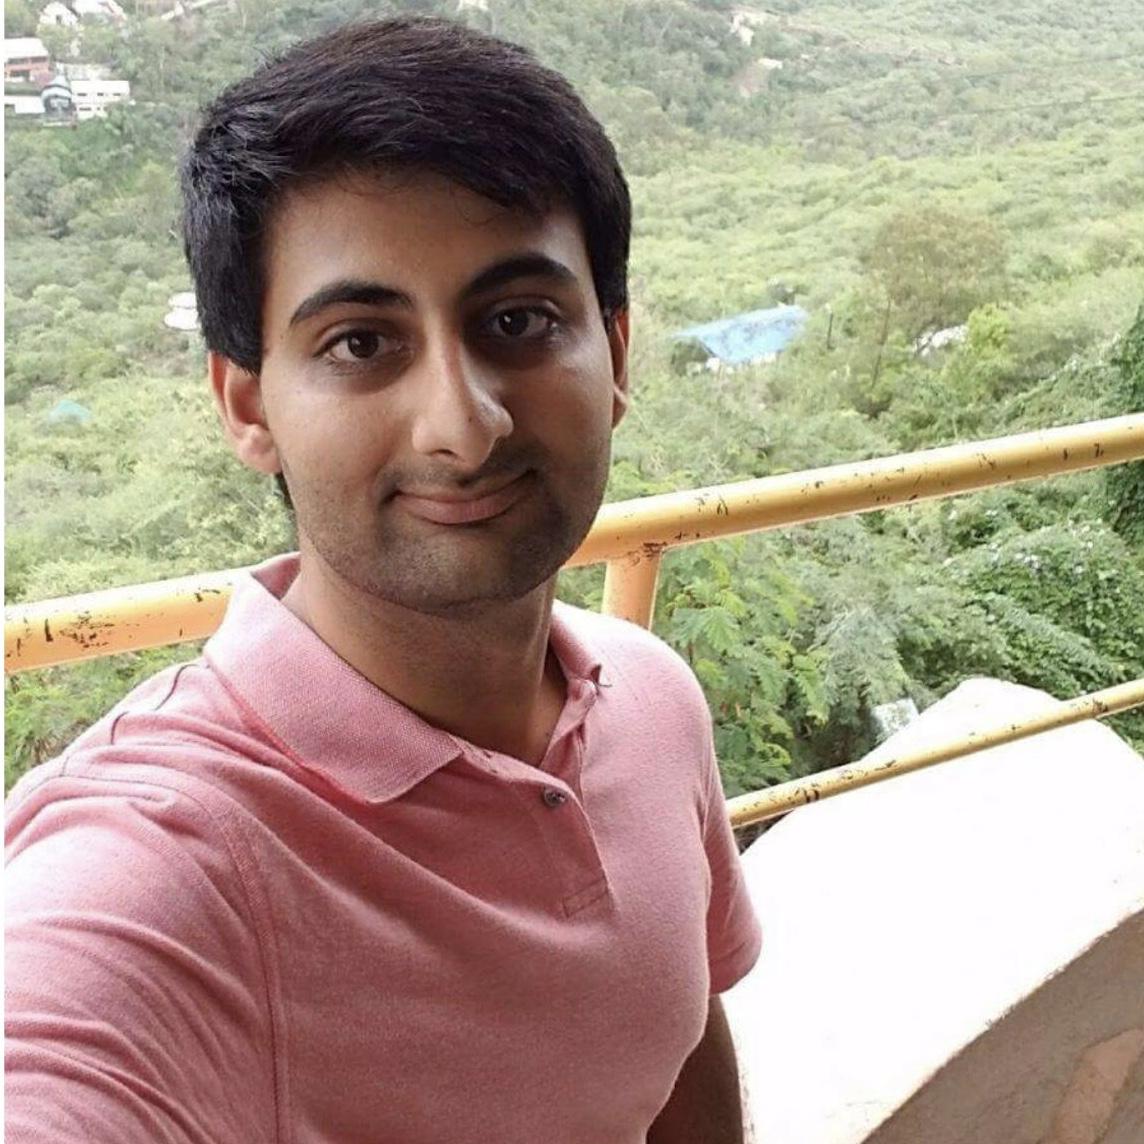 Pranshav Thakkar